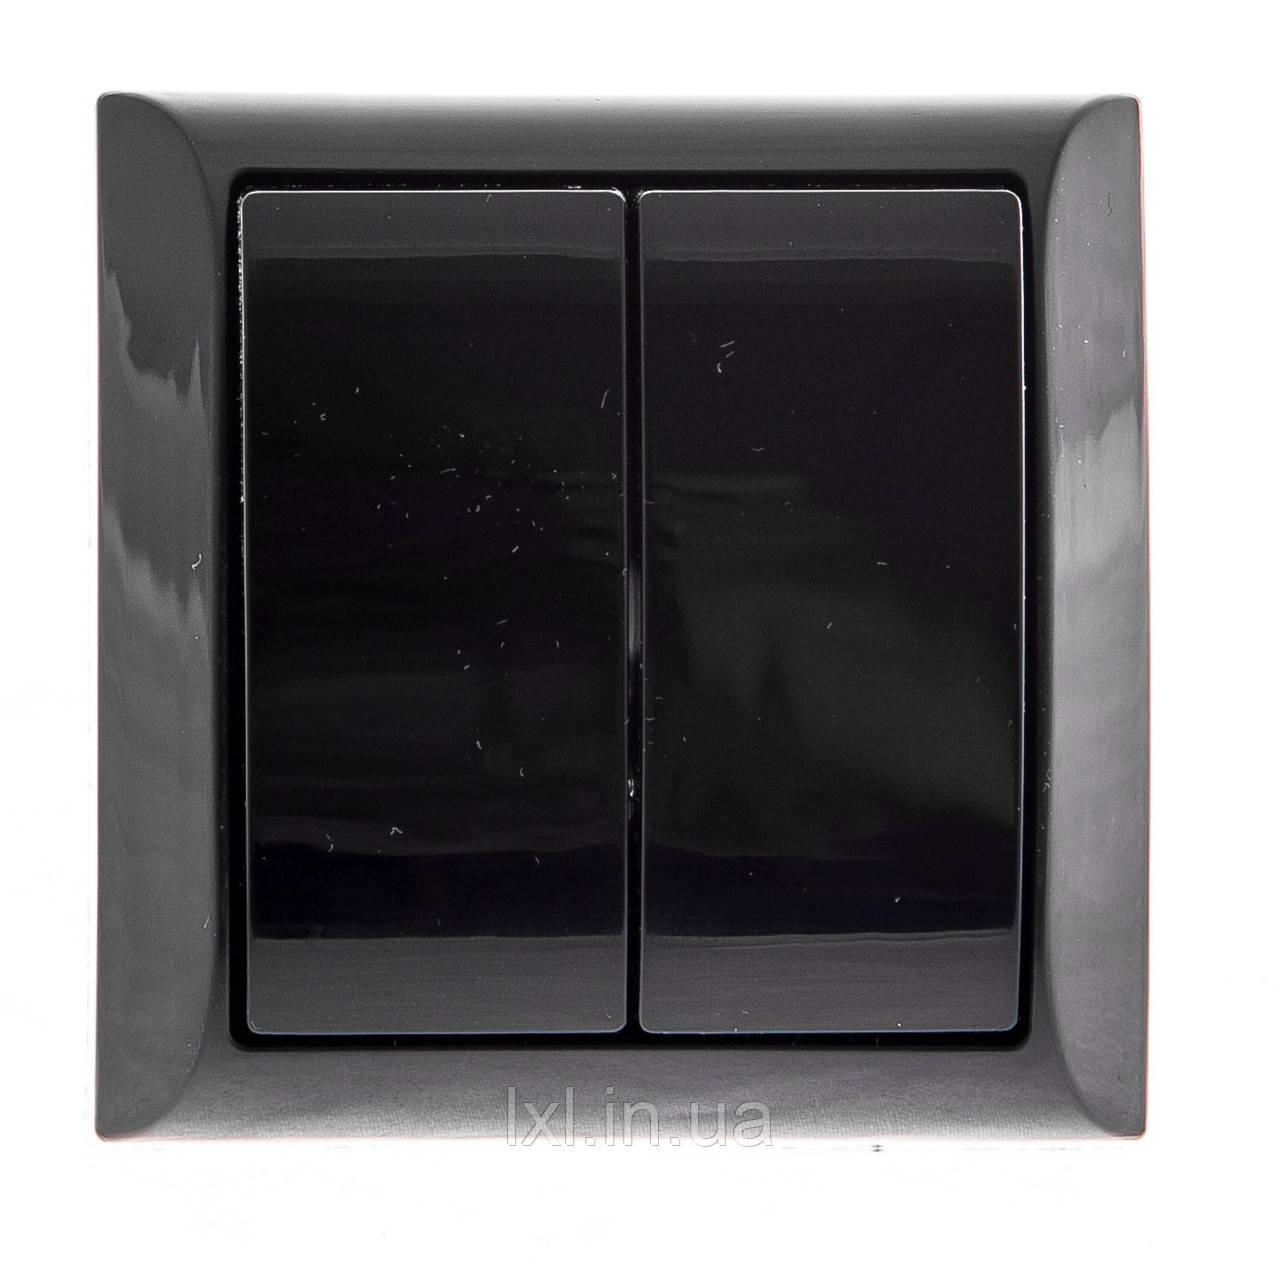 Выключатель двойной наружный черный LXL TERRA